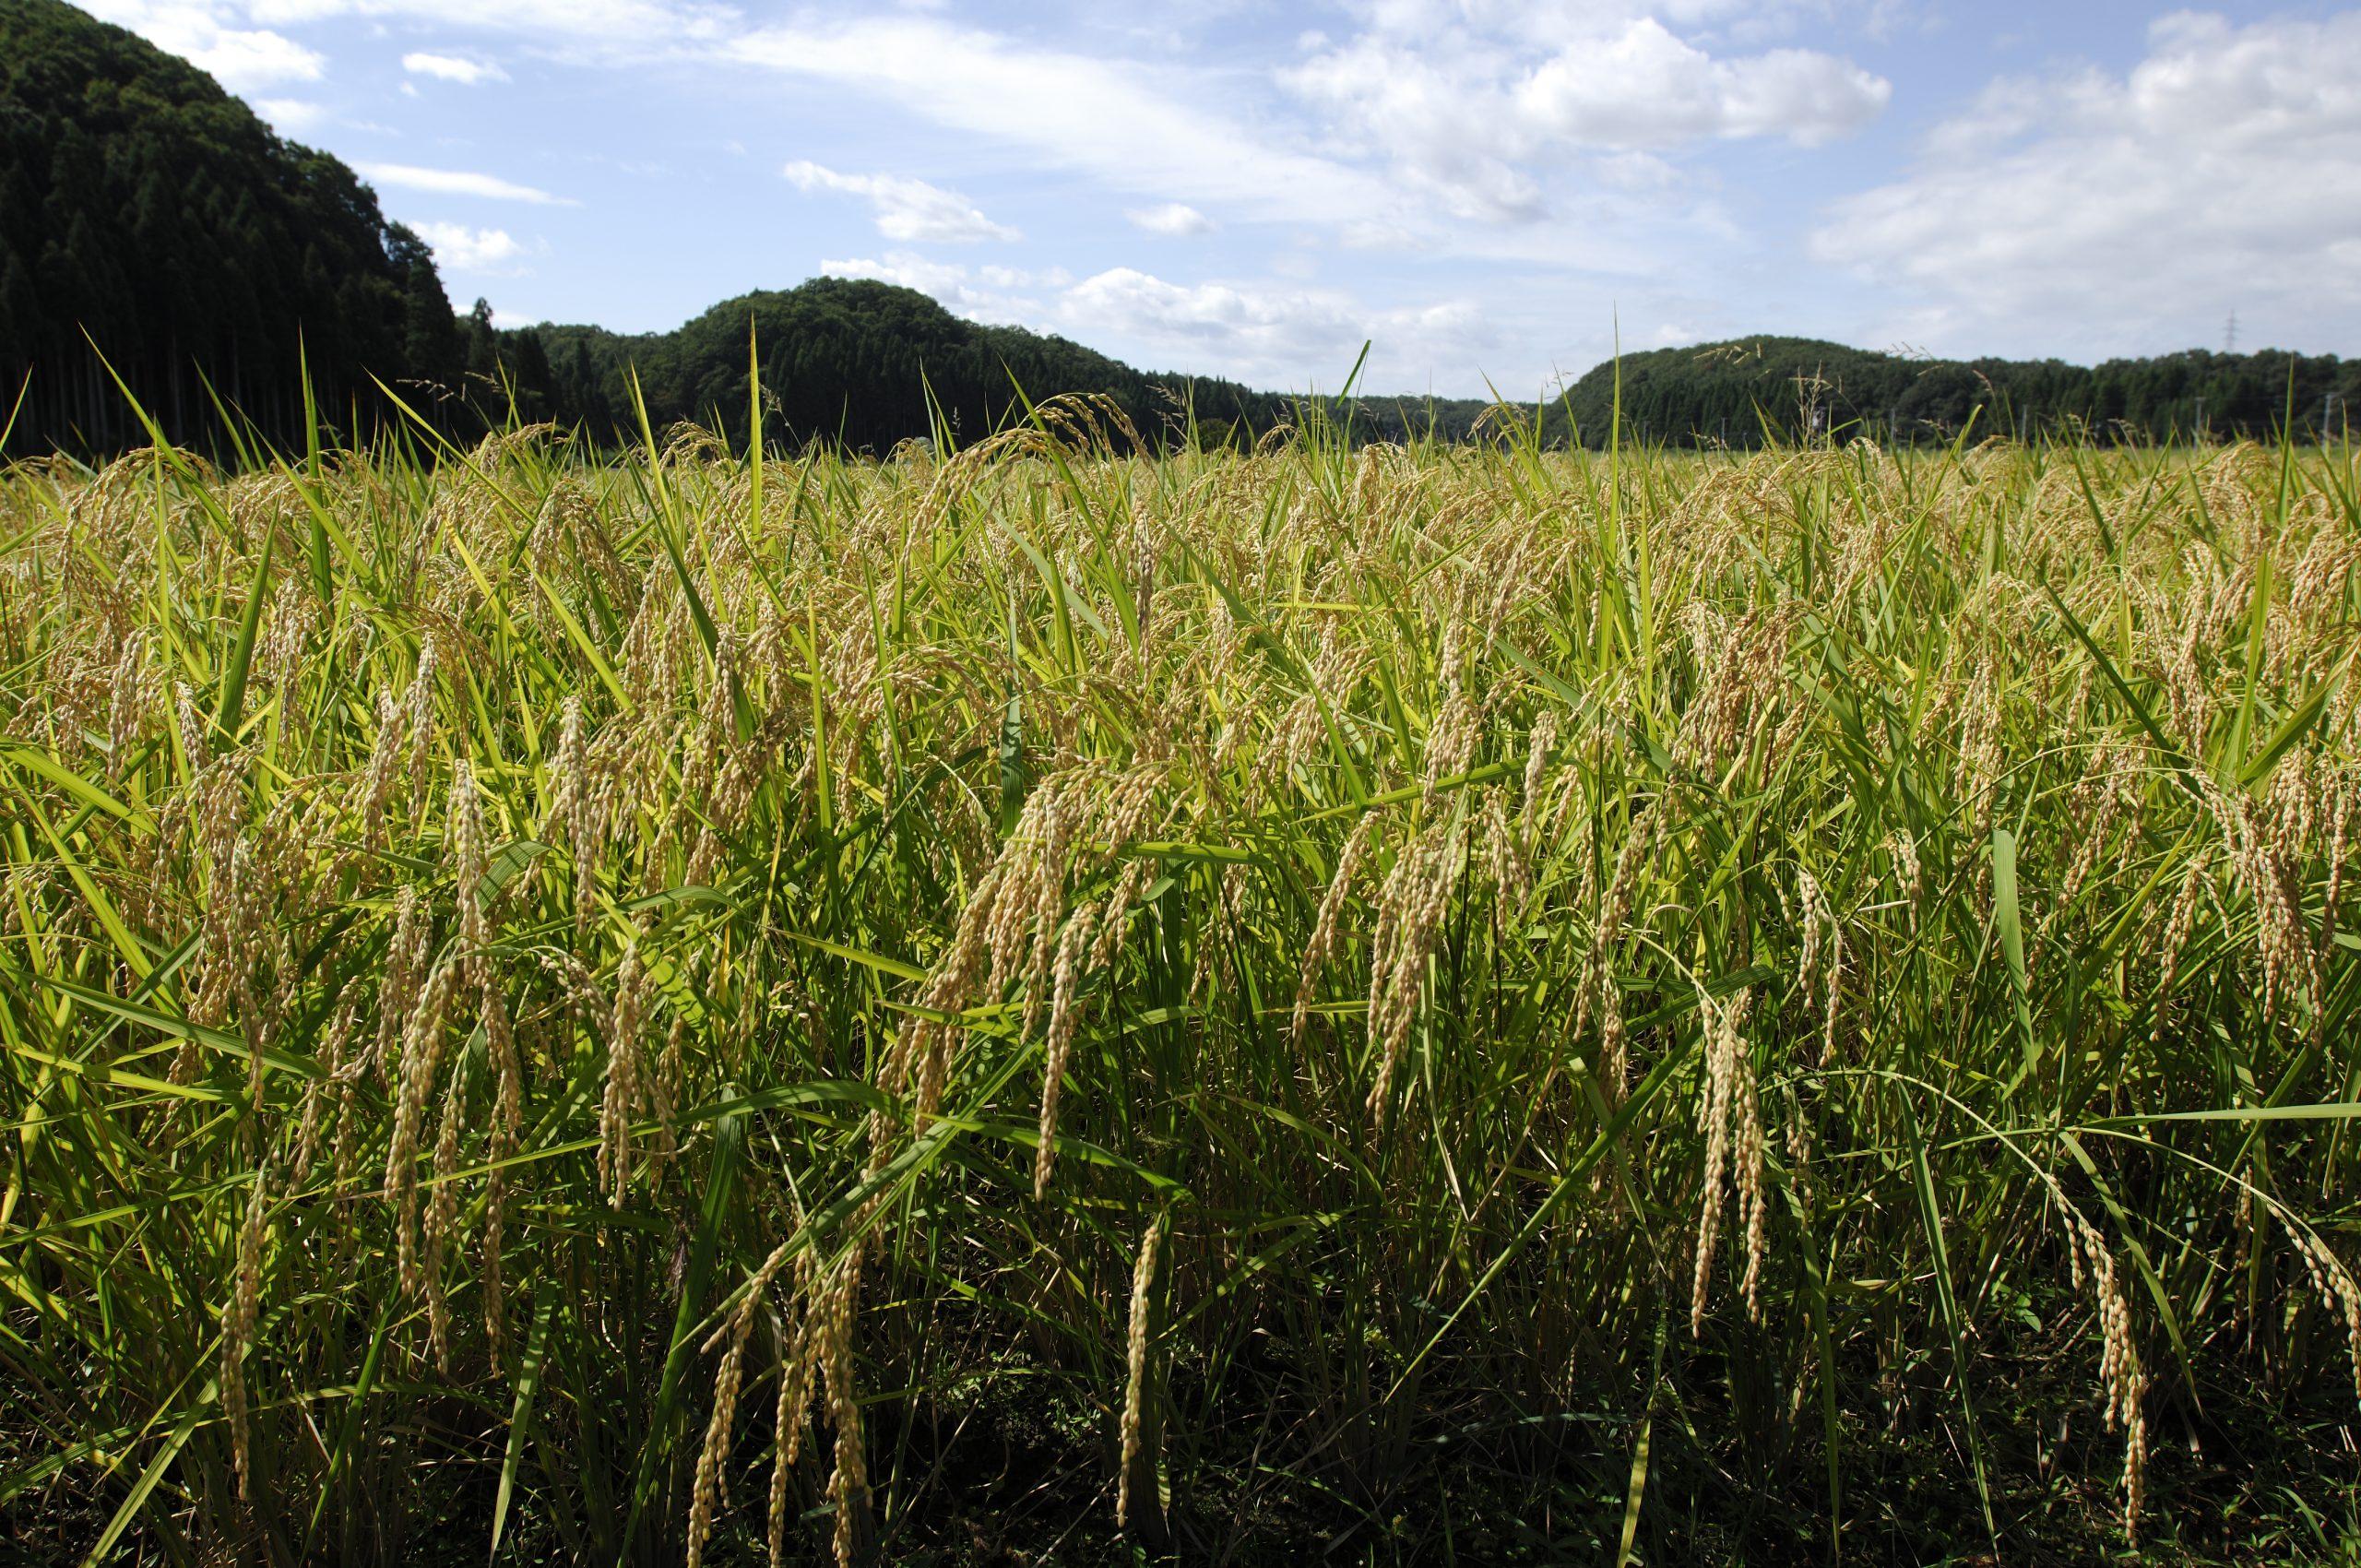 のむら農産のブログを新しく開設しました。